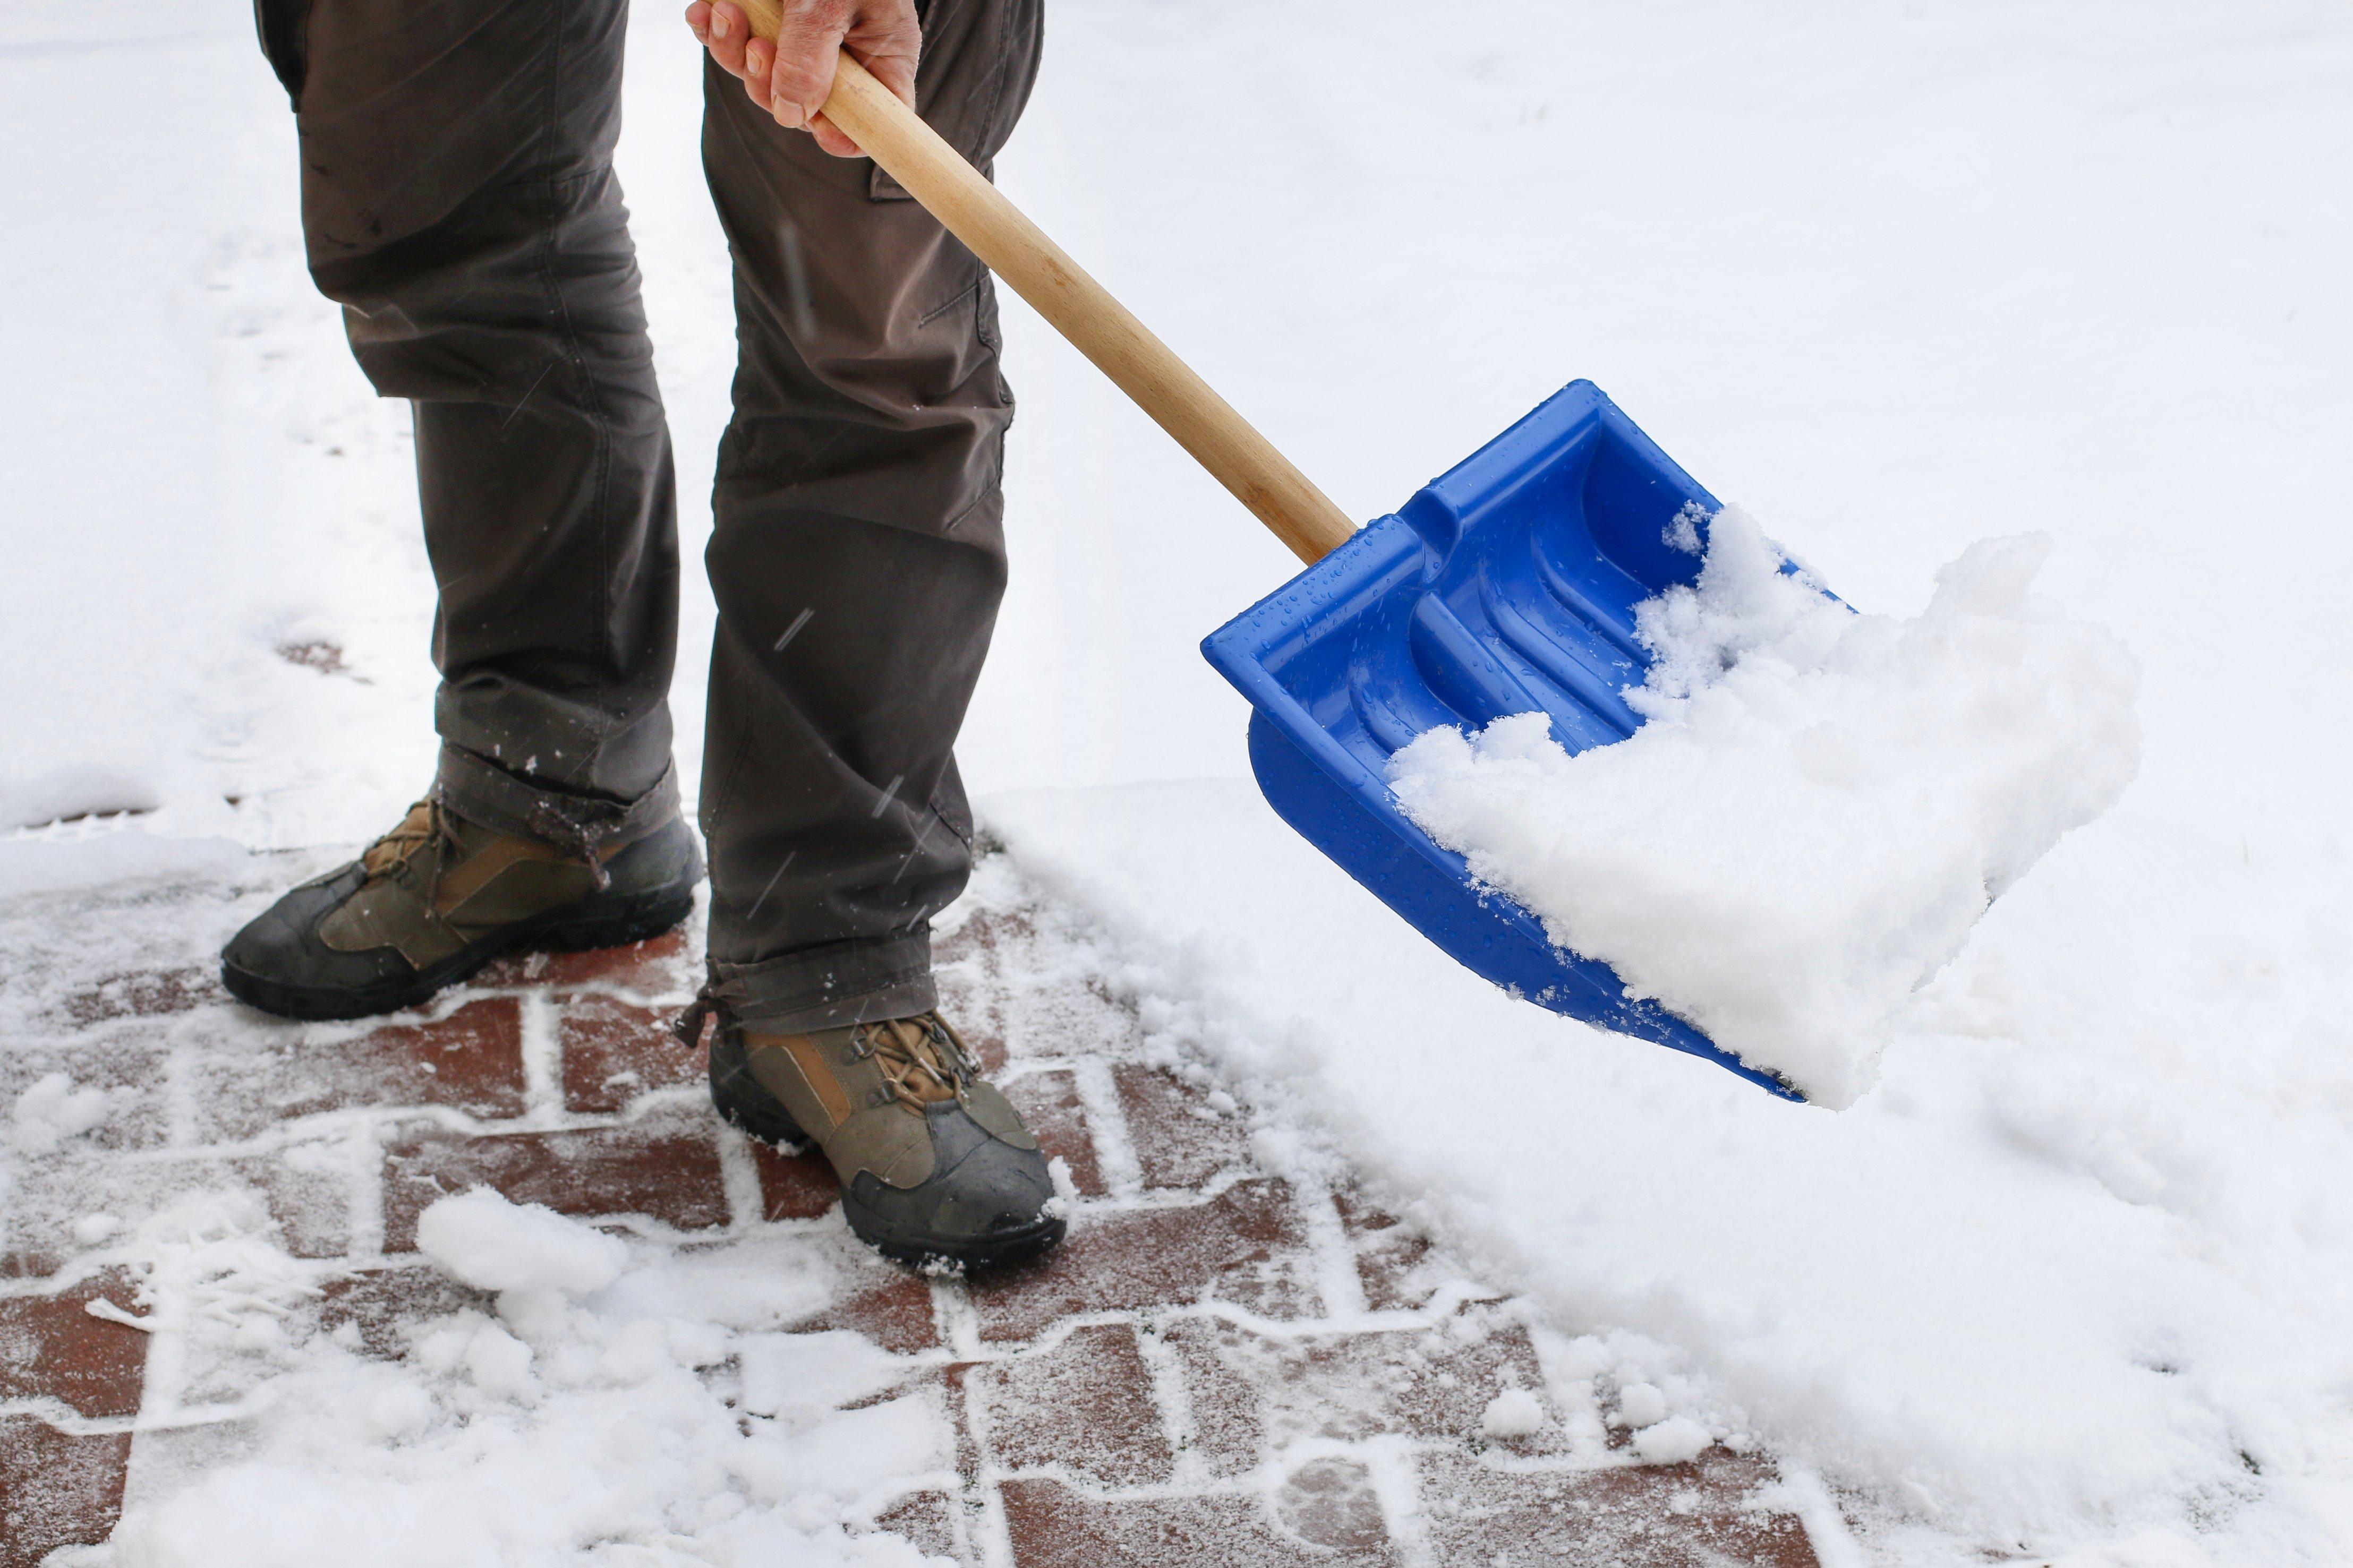 Картинки по уборке снега, картинки надписями